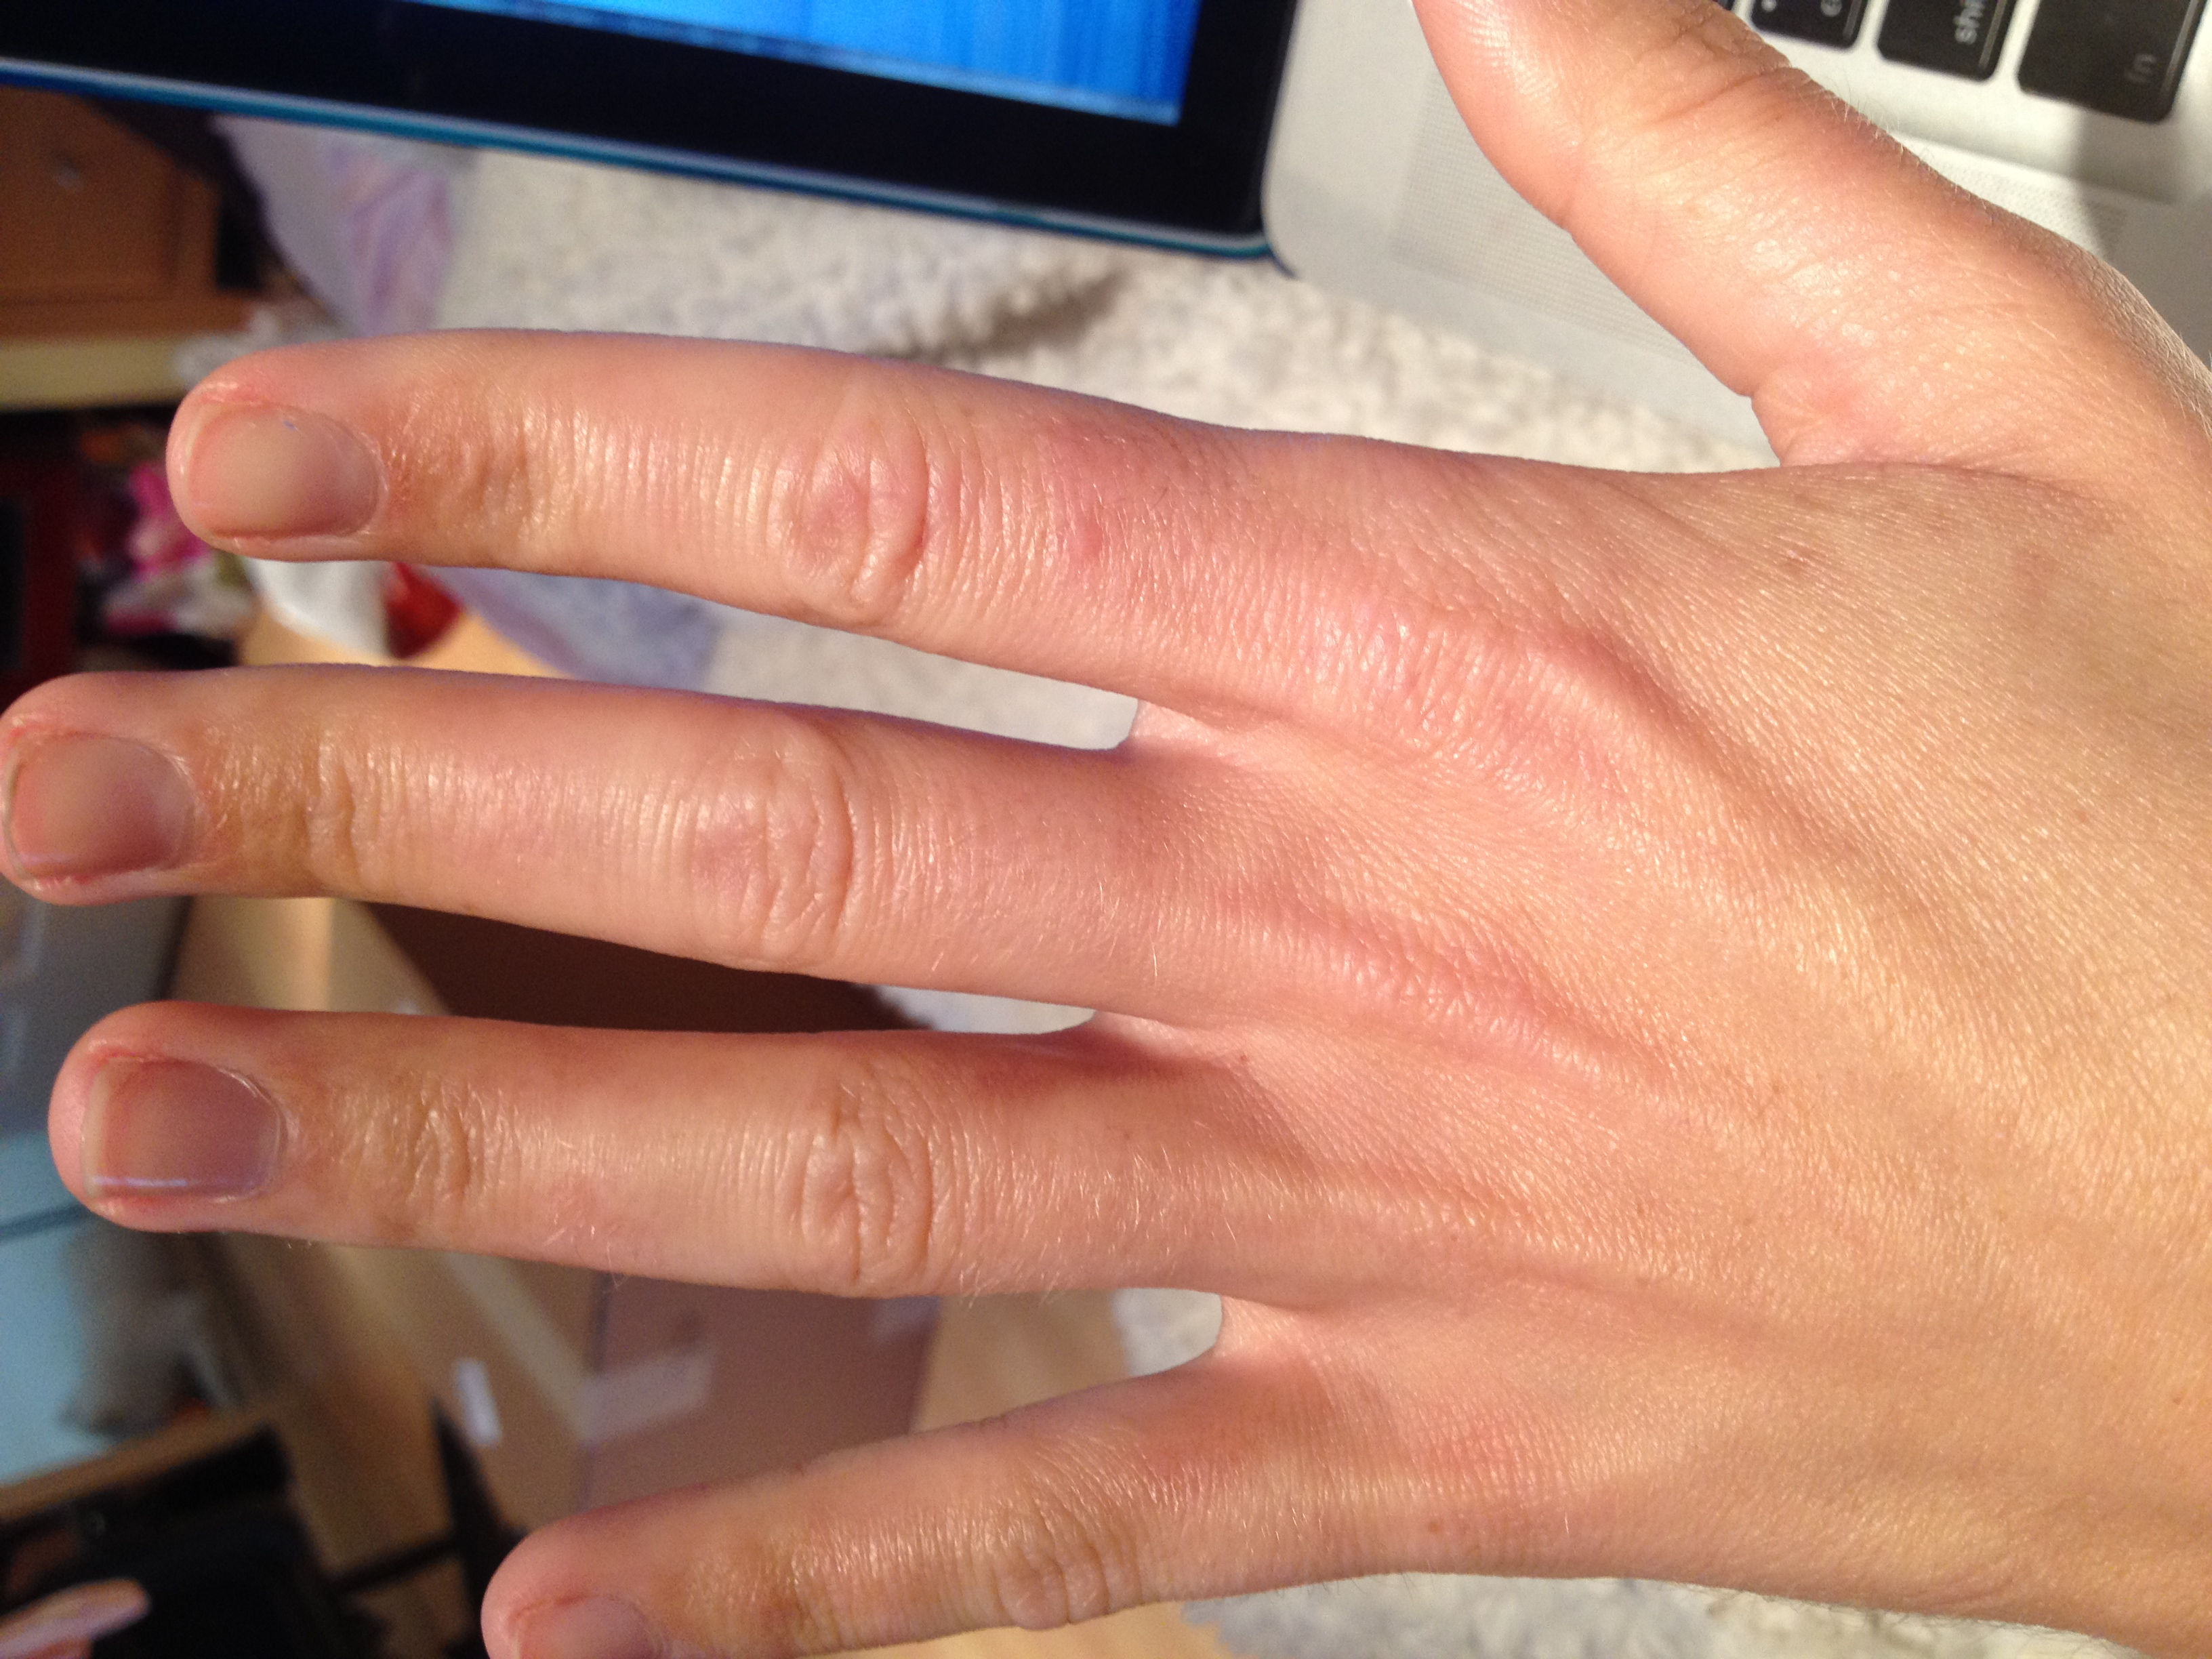 dermatitis on top of hands - photo #47